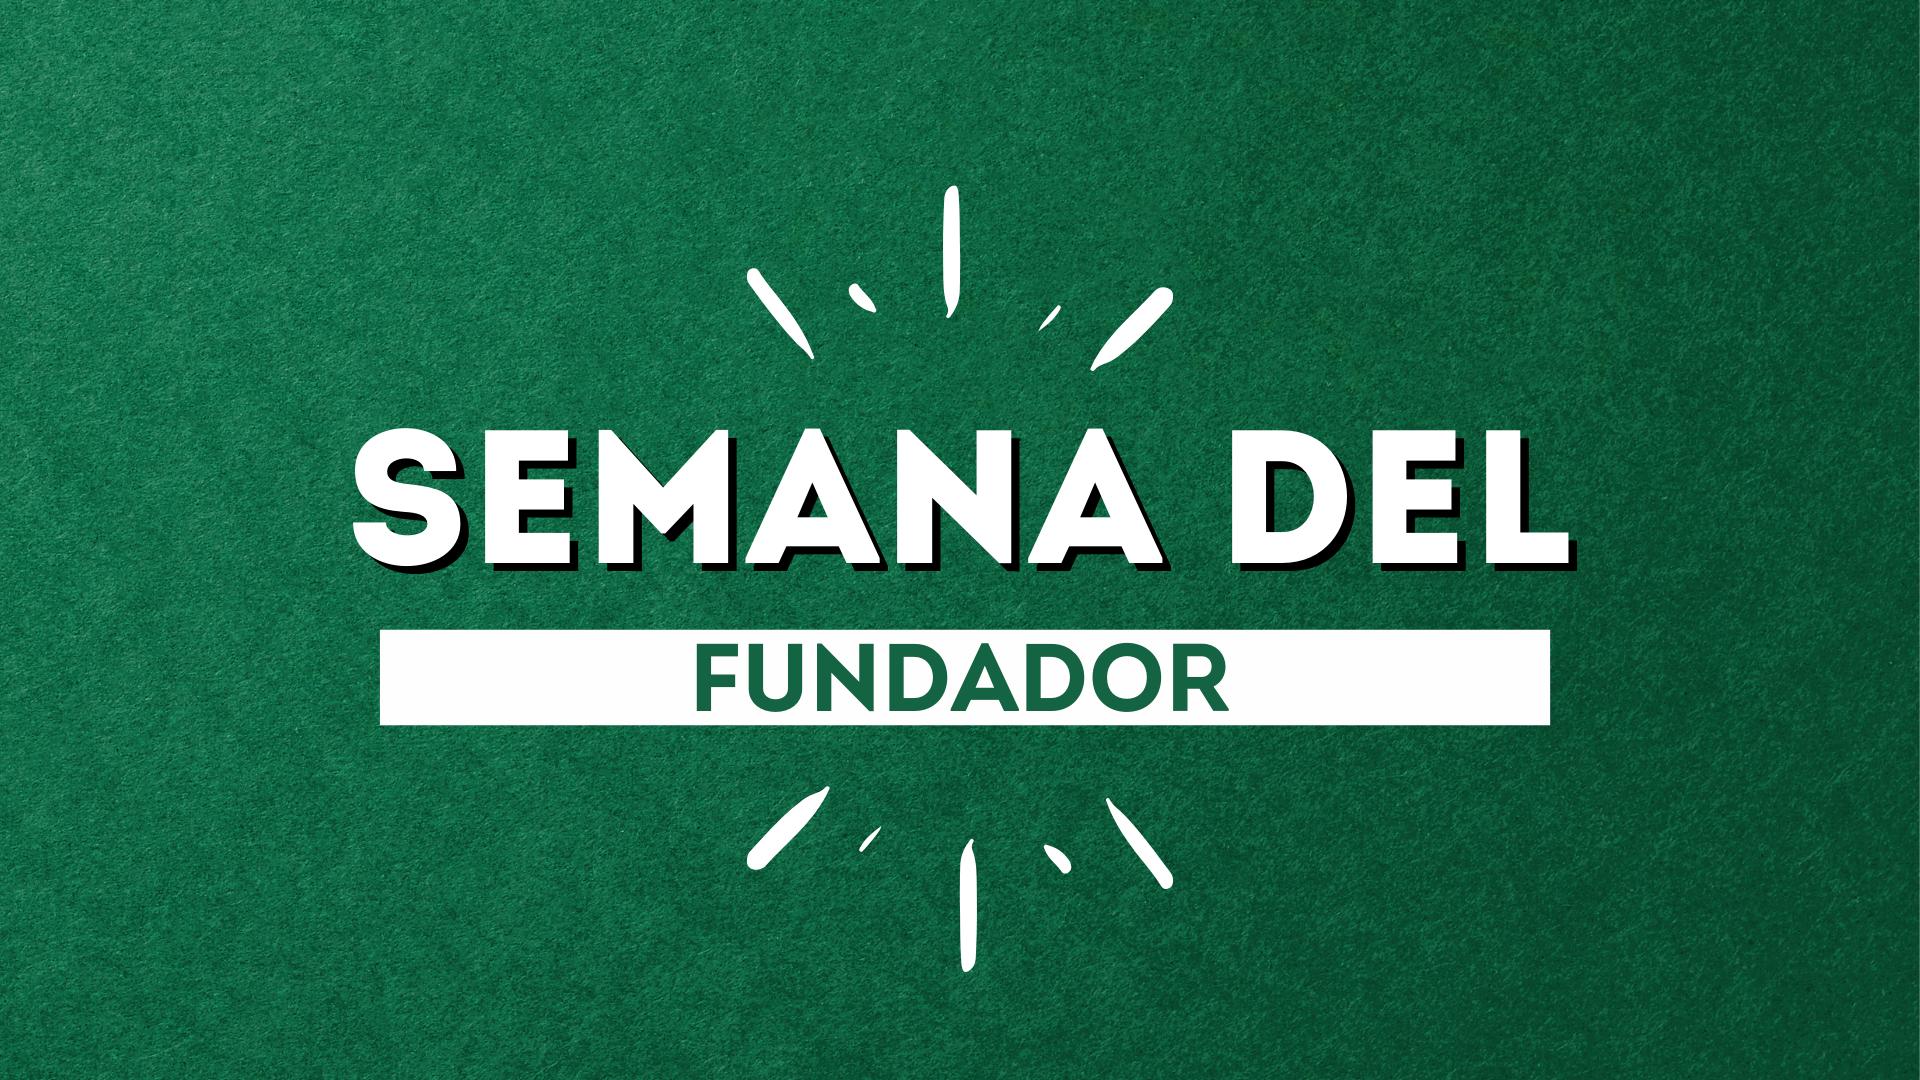 SEMANA DEL FUNDADOR